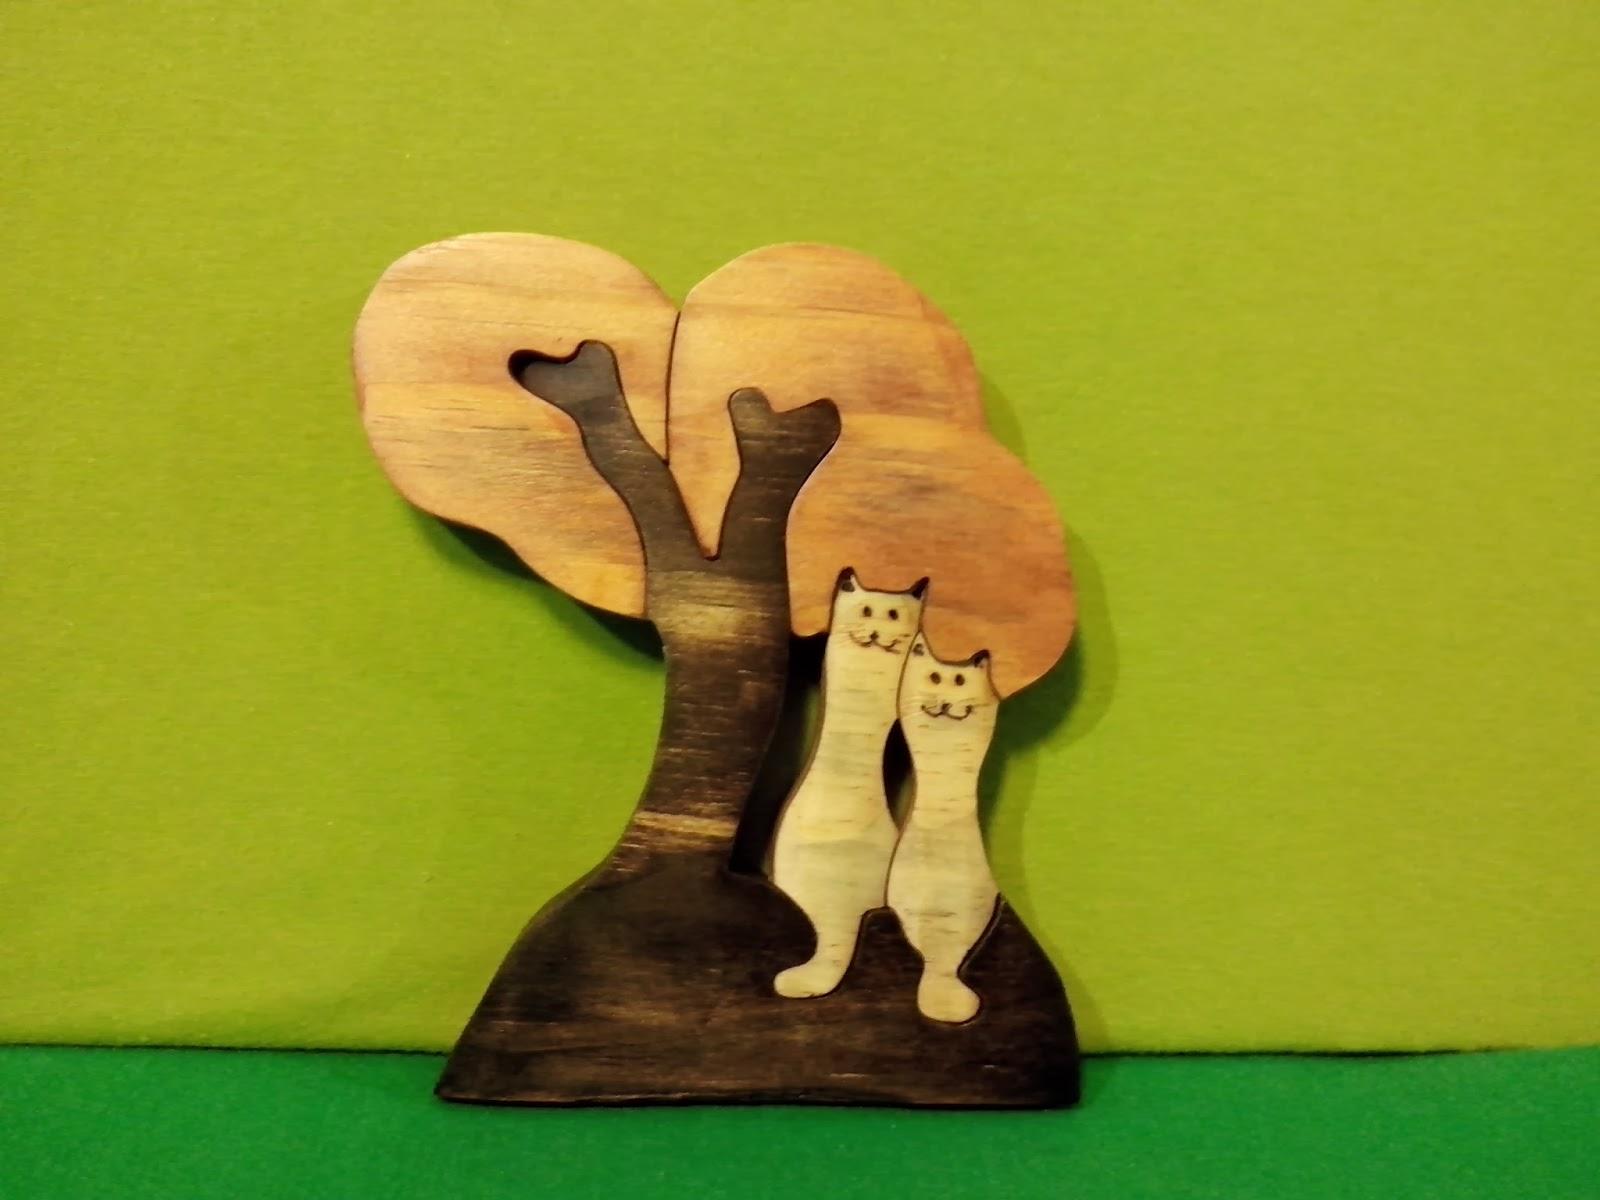 quebra cabeças gatos madeira artesanato brasilia df